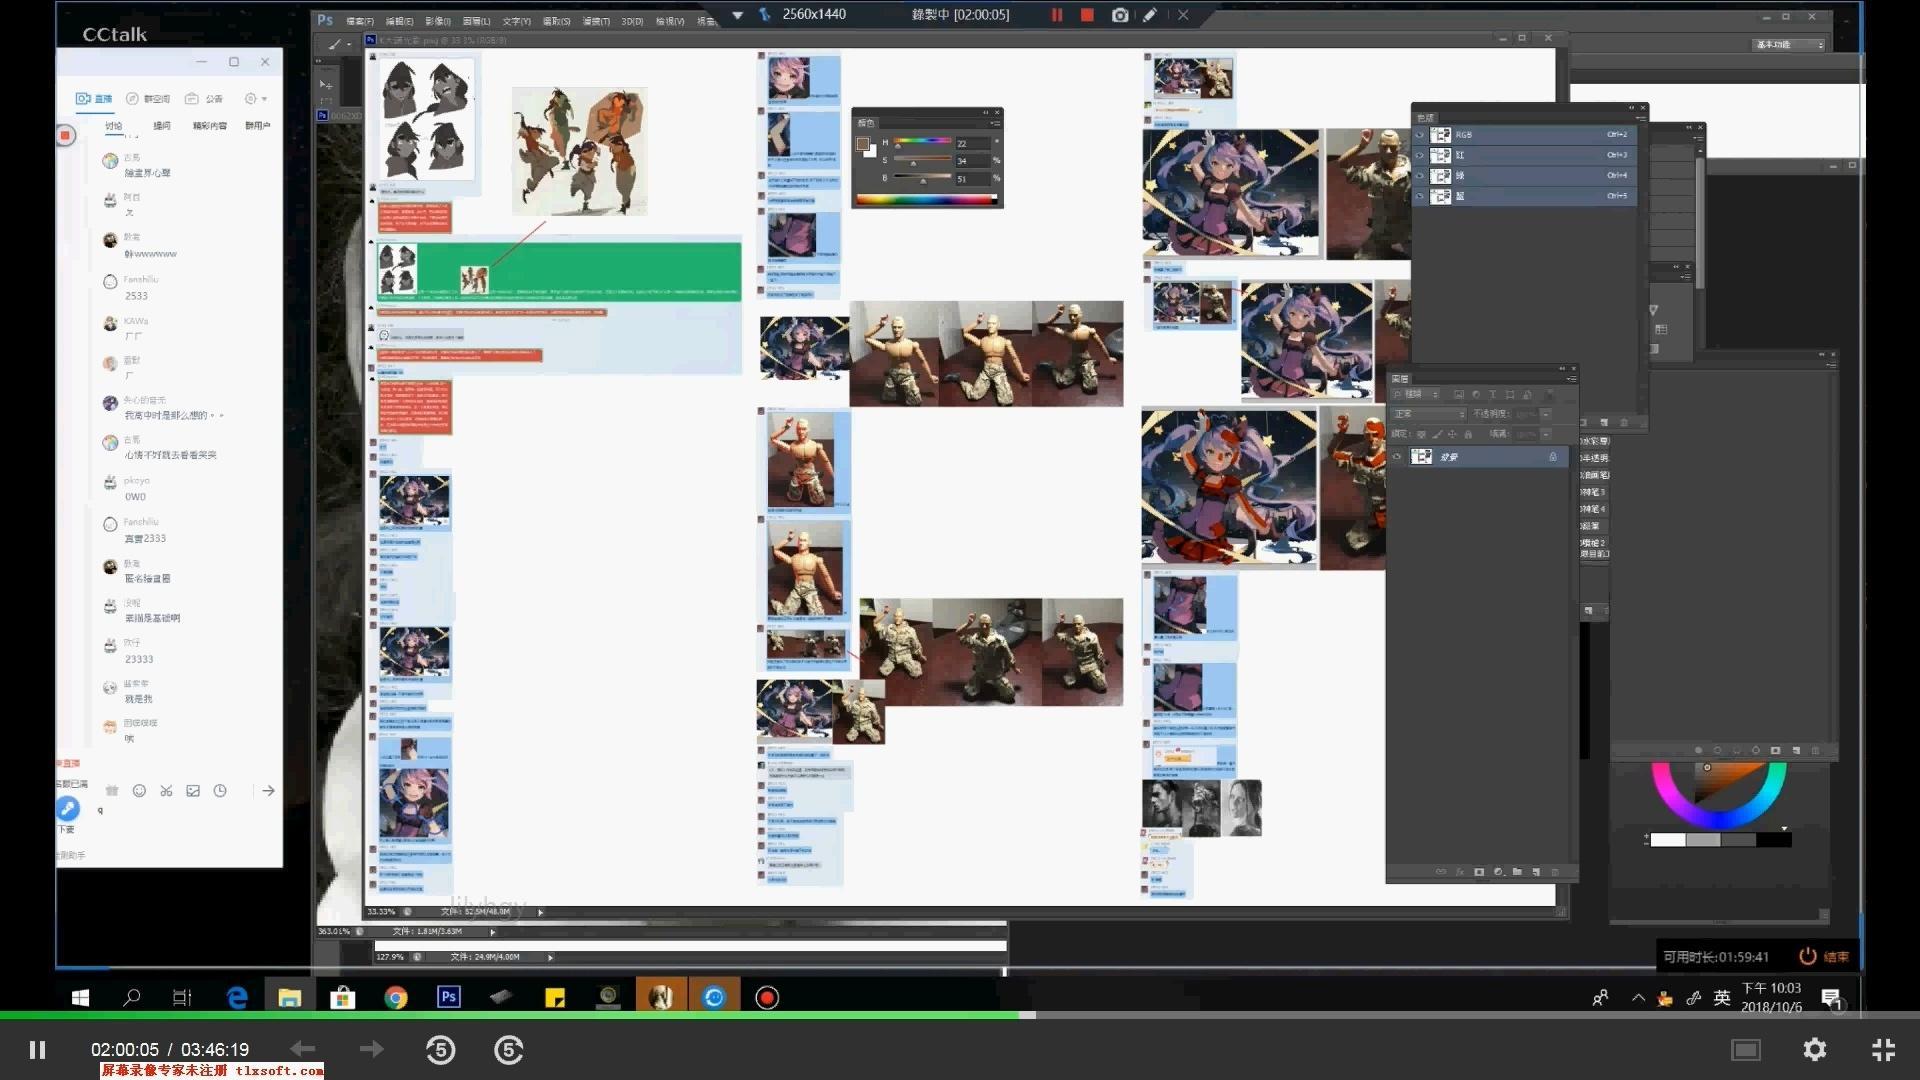 原画绘画教程-Krenz K大原画绘画色彩视频课程 8课 25GB(4)